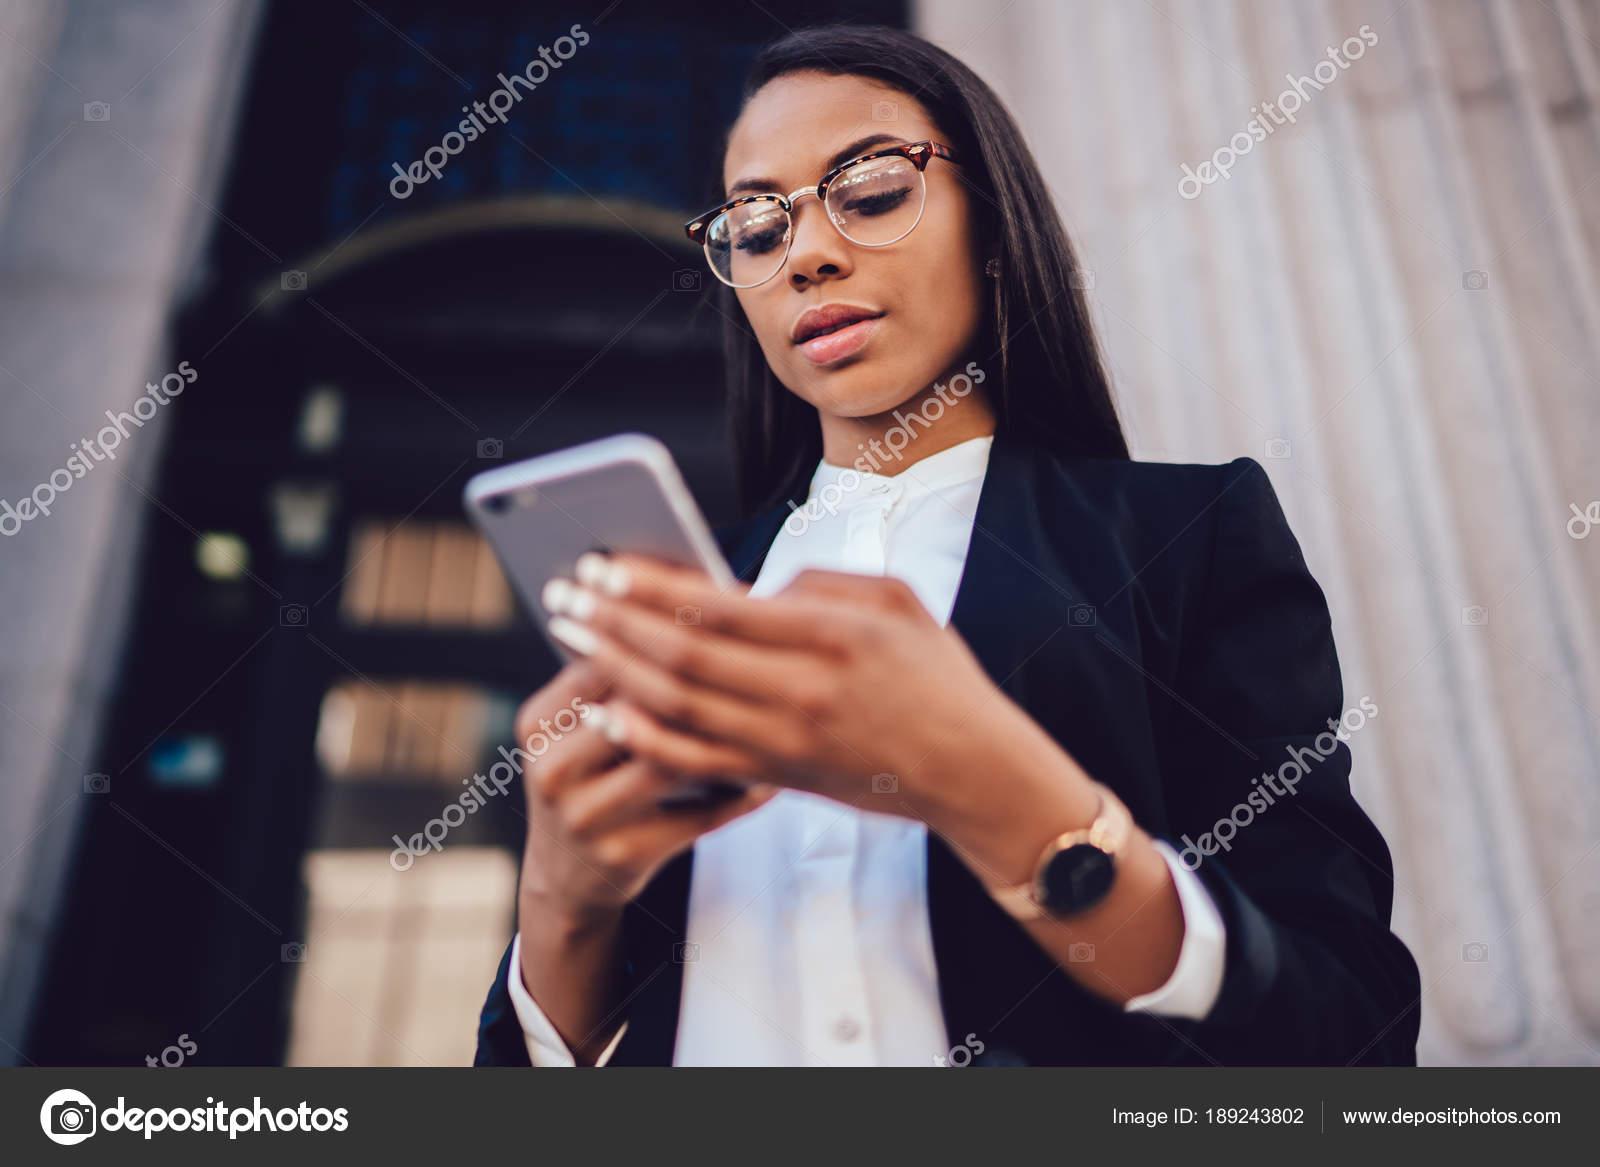 72aab892460d Sotto la visualizzazione dell imprenditore afroamericano vestito in vestito  elegante fare il pagamento online tramite servizio bancario su smartphone  ...